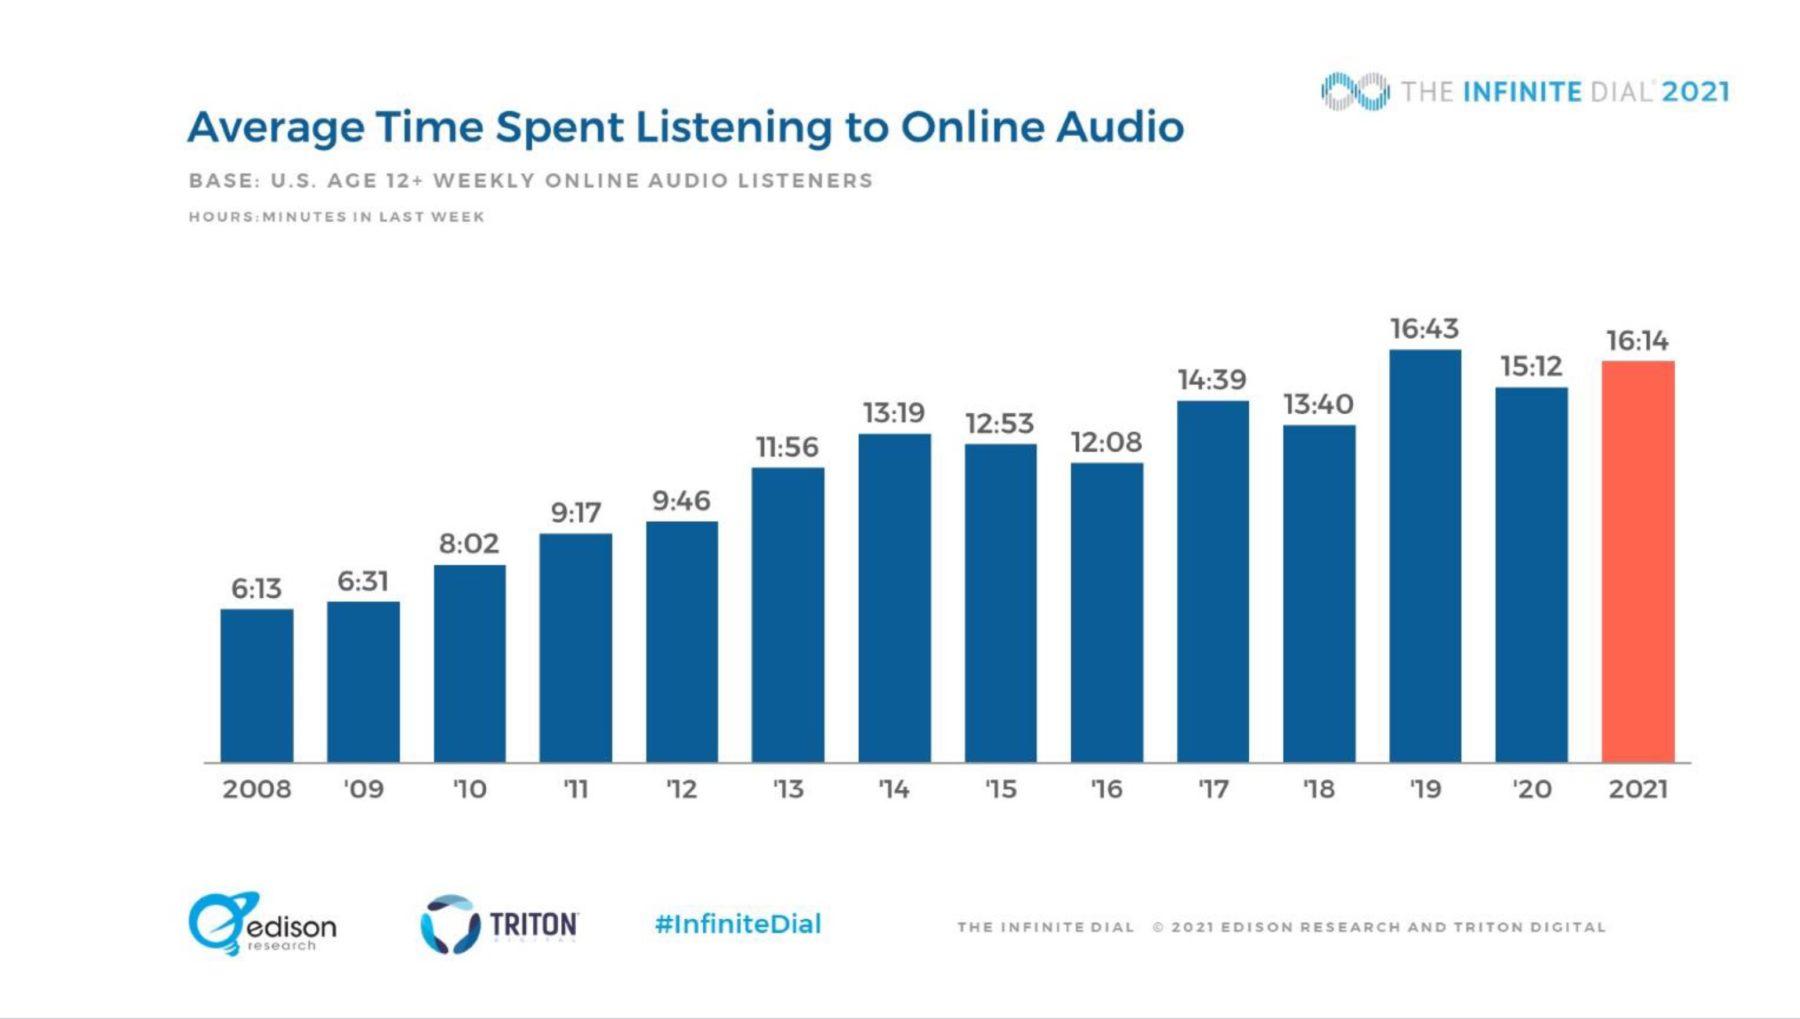 Inifinite Dial 2021 audio